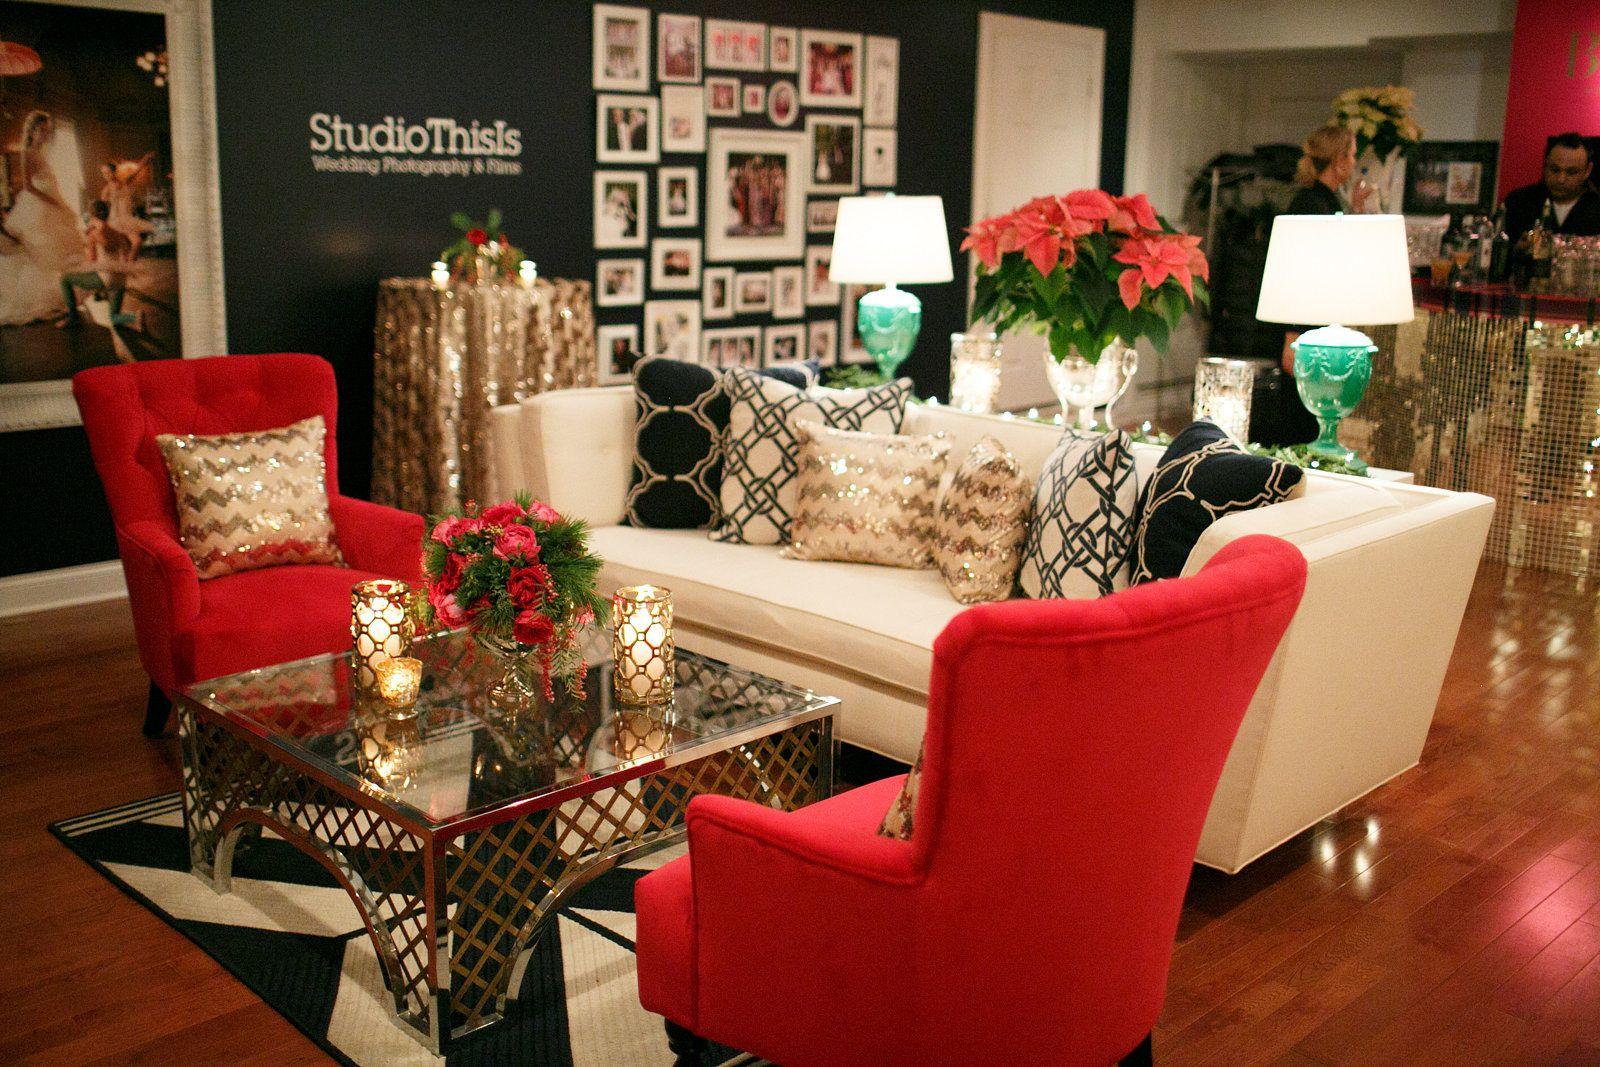 How cozy!! #bliss #holiday #winter #sparkle #decor #amazing #glamorous